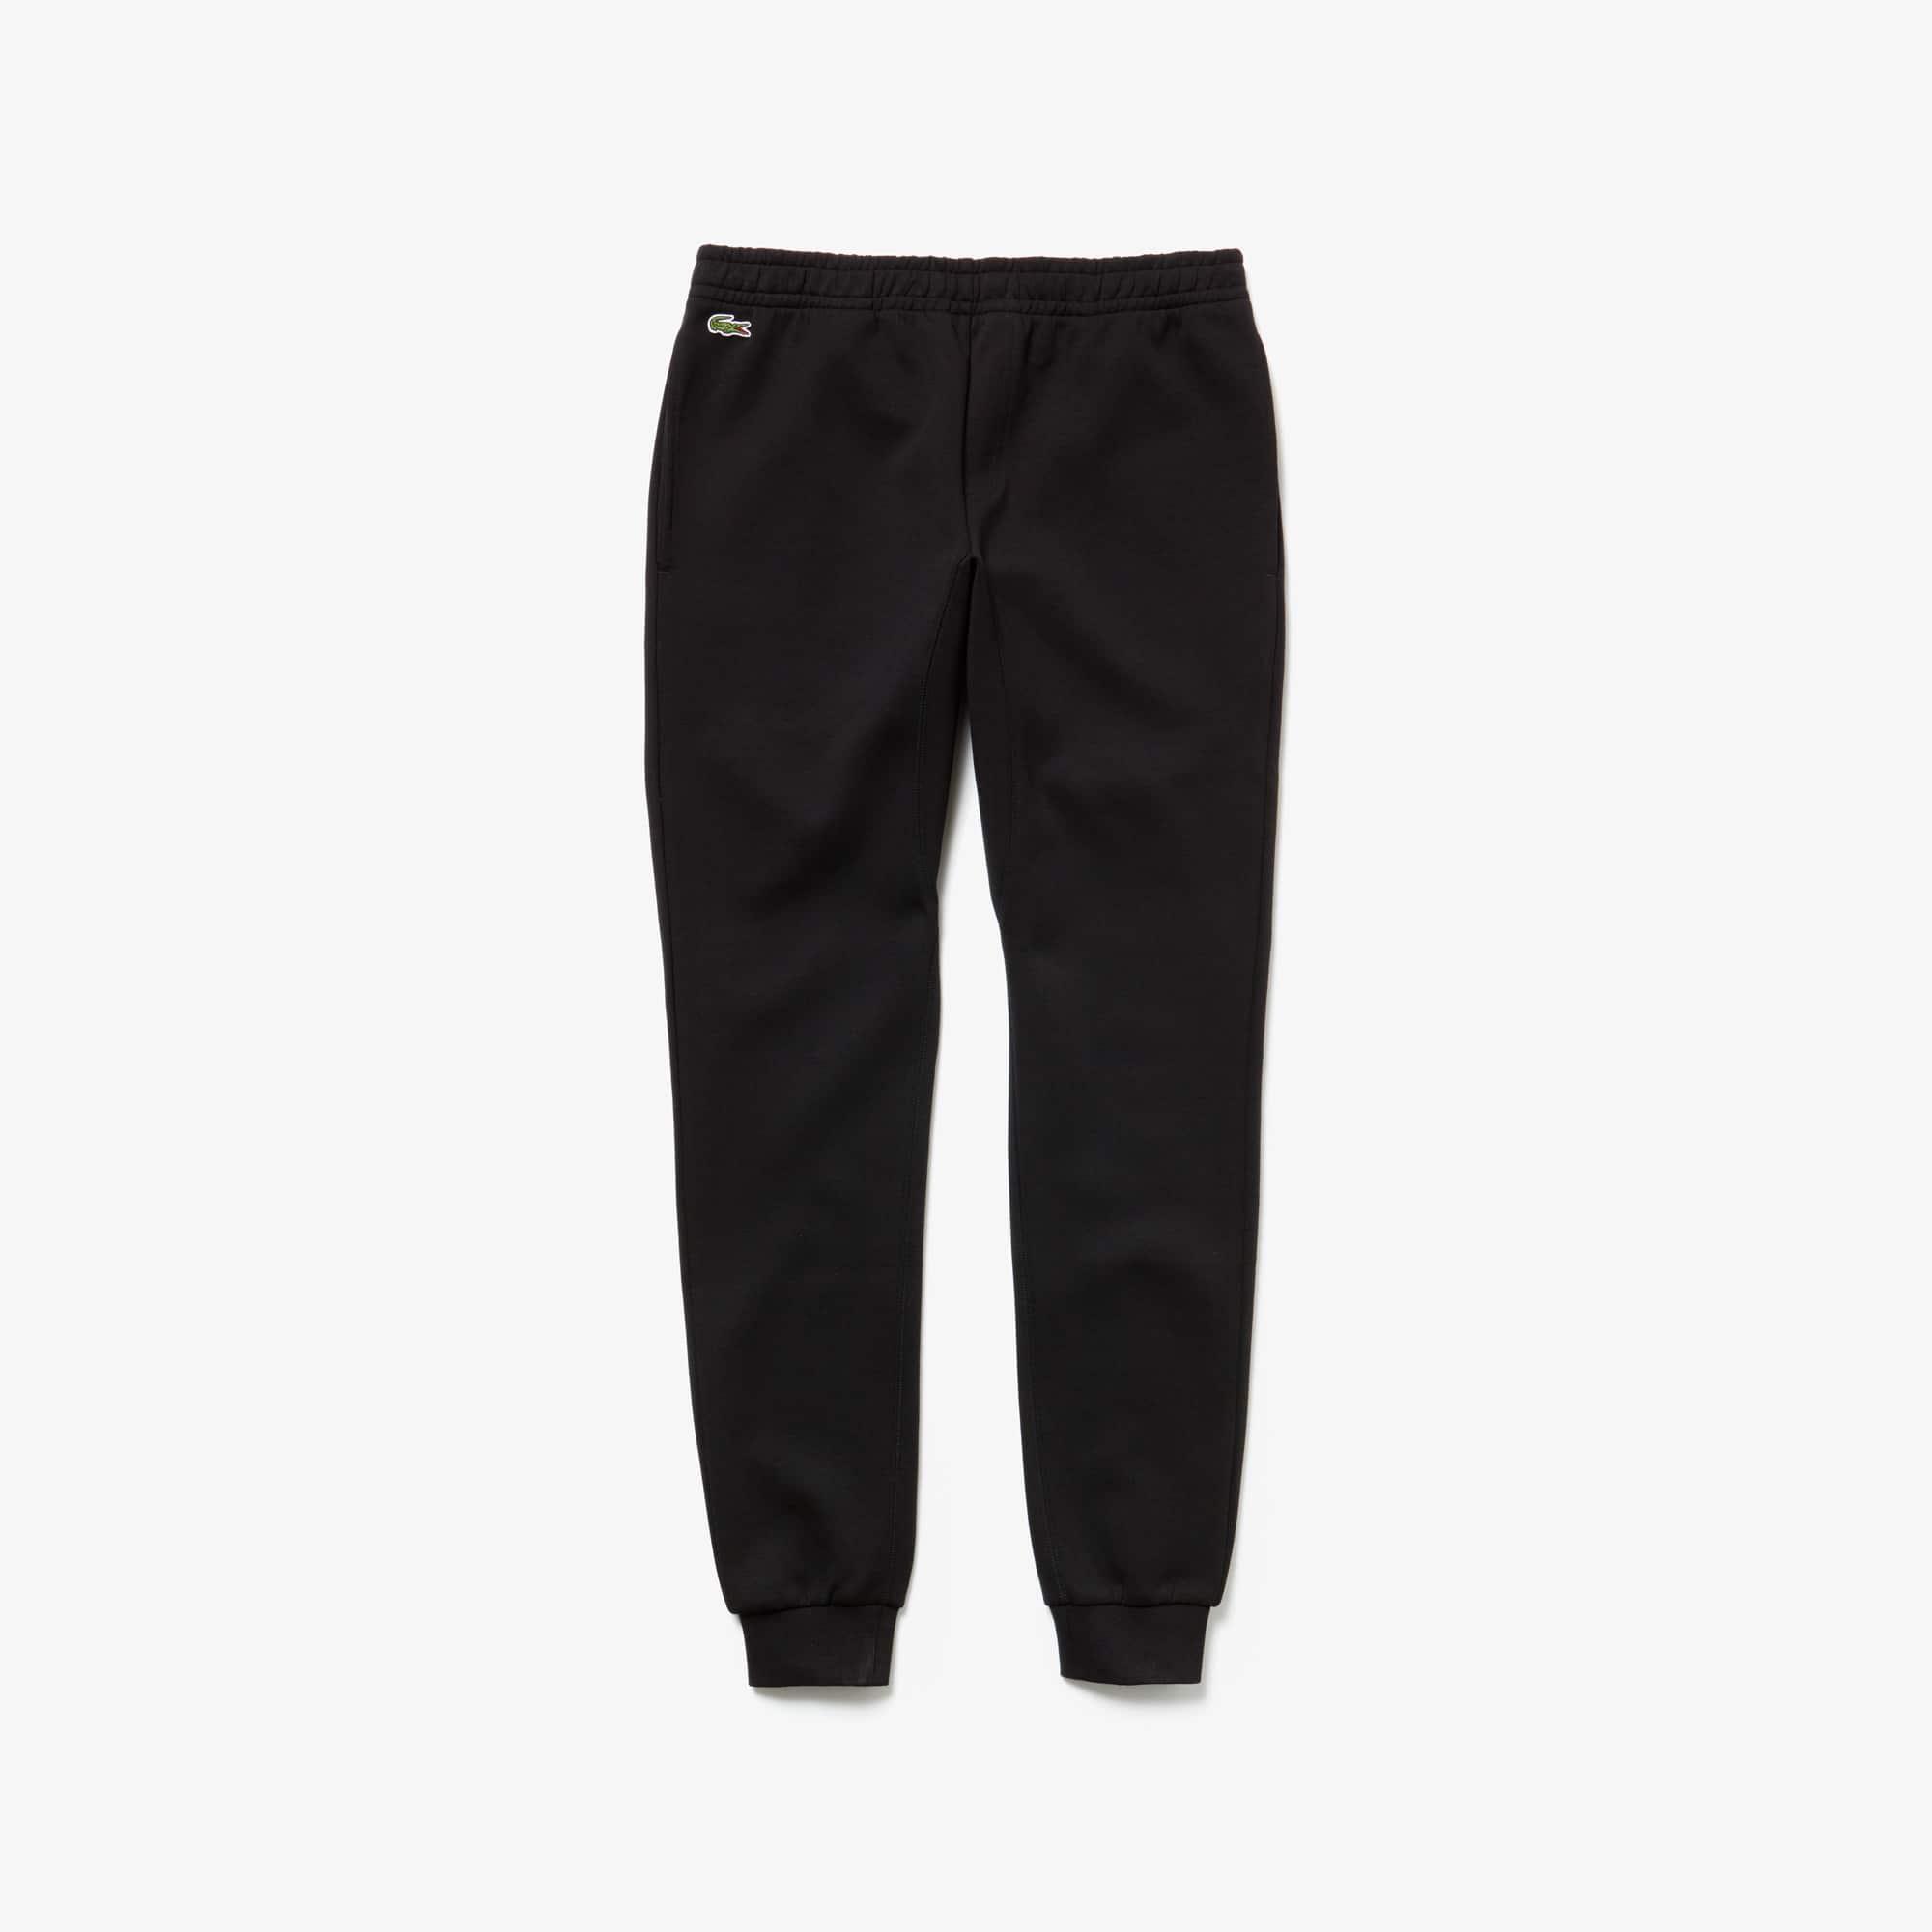 라코스테 스포츠 트랙 팬츠 MensLacoste SPORT Tennis Fleece Trackpants,black